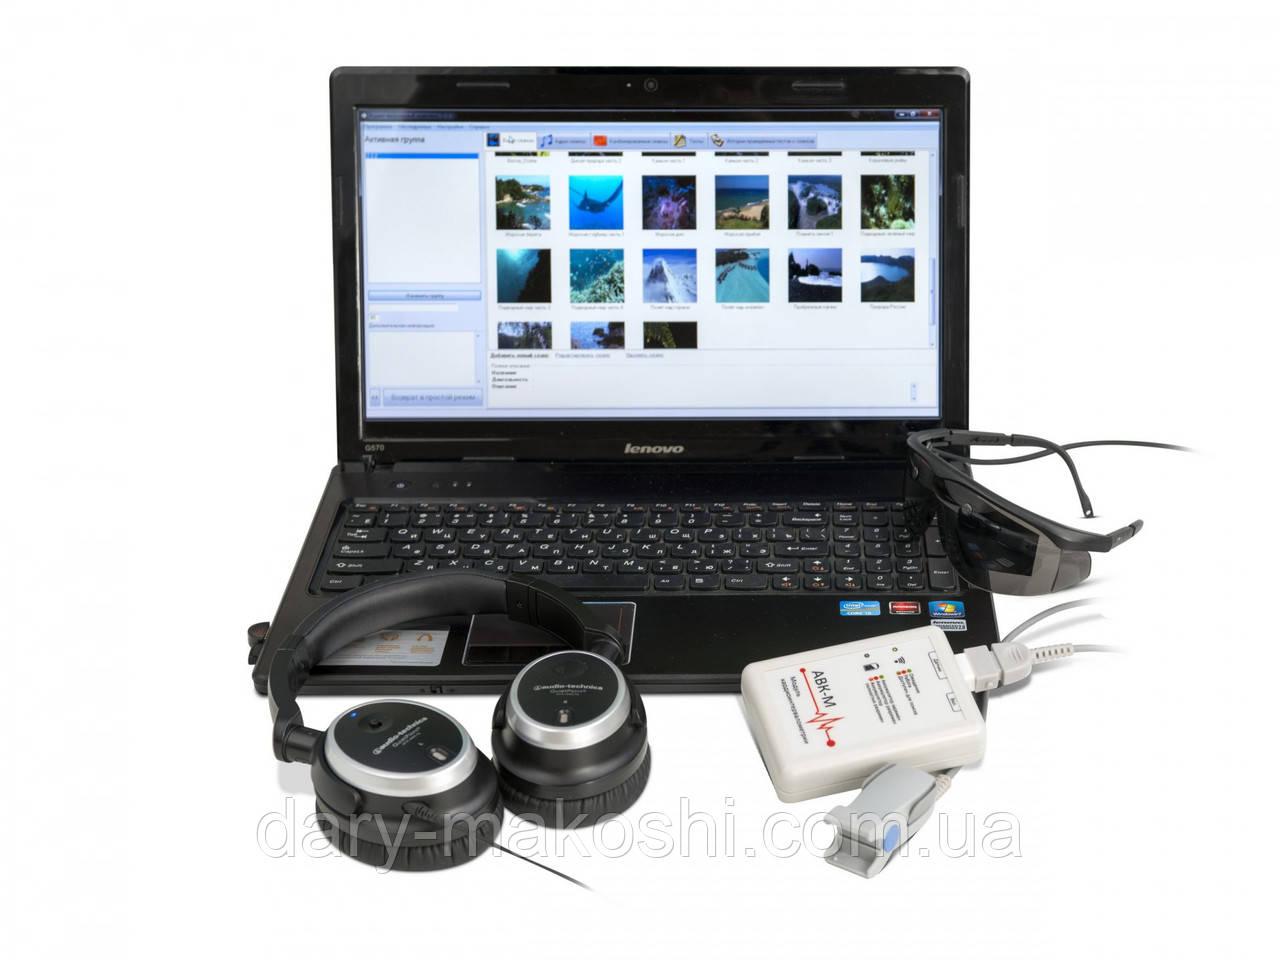 Аудиовизуальный комплекс (АВК) «Диснет» В 4 - Мобильный